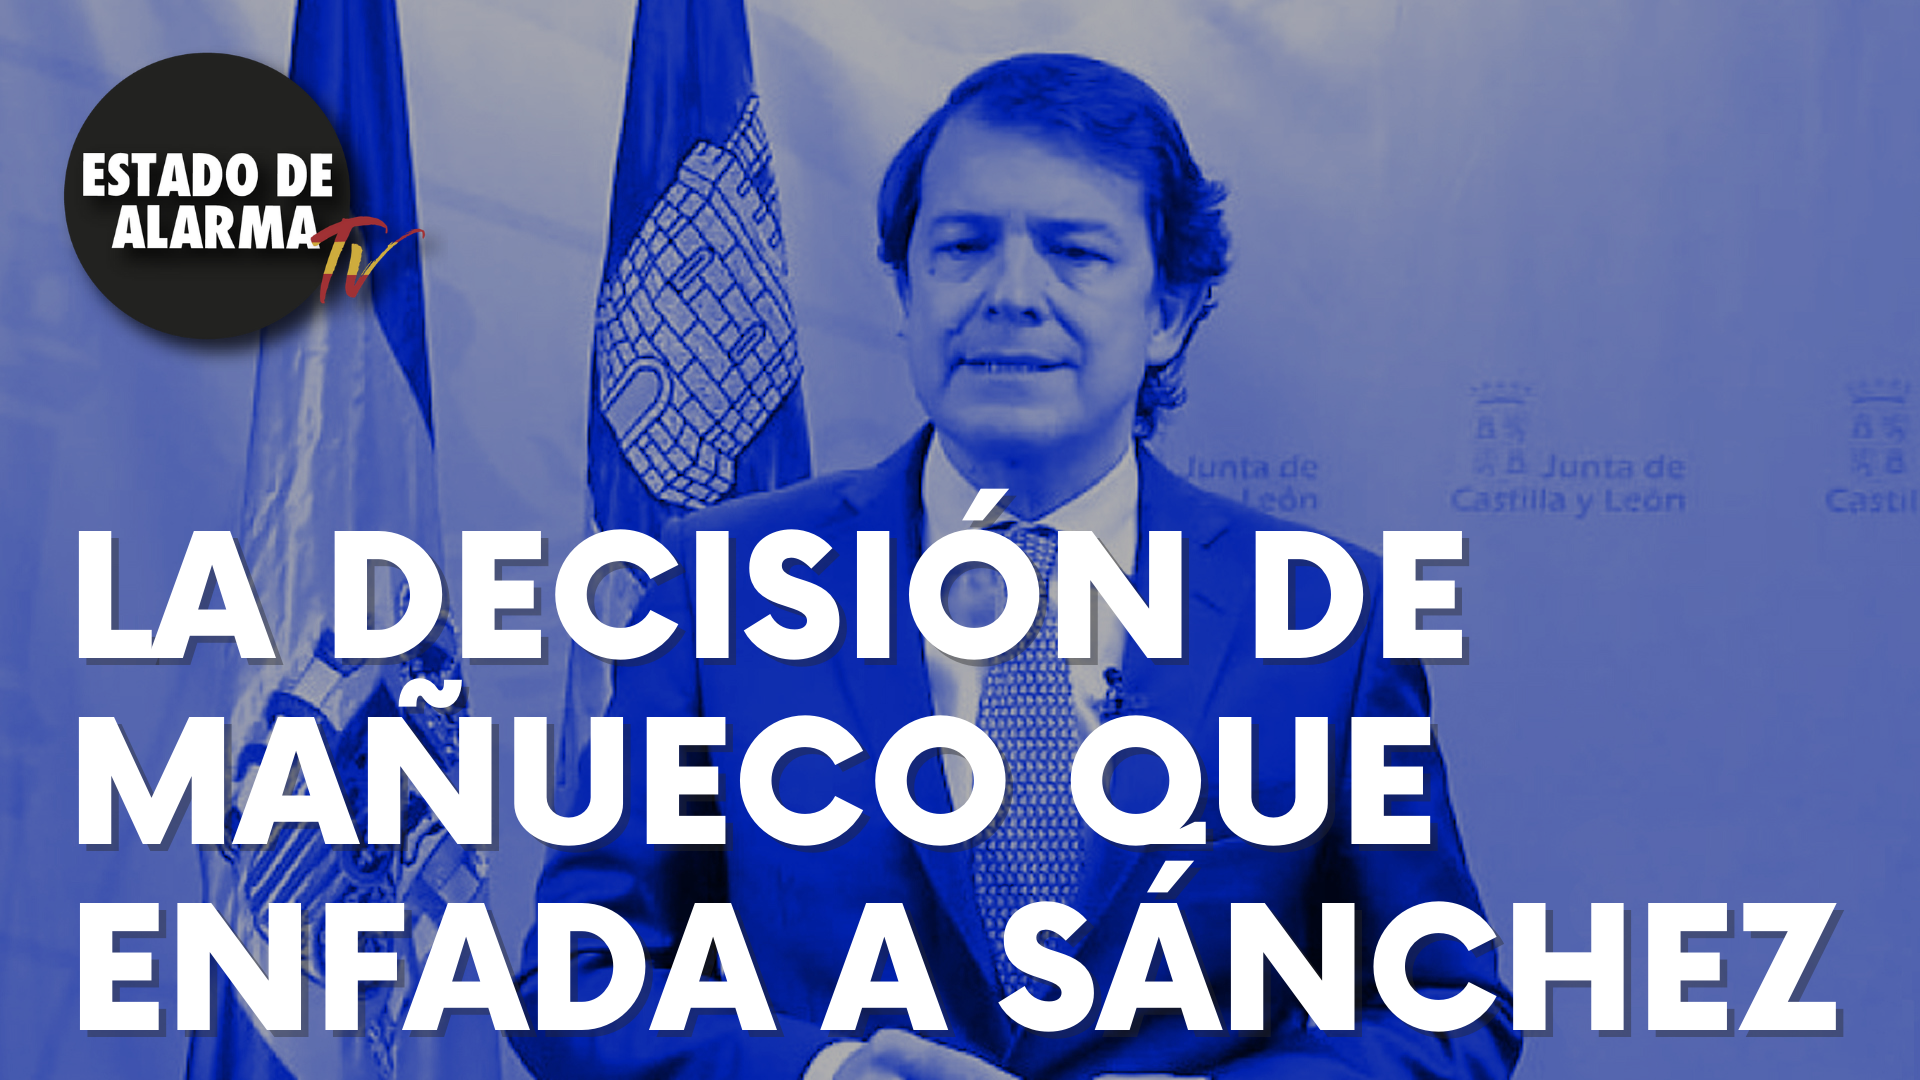 """La decisión adoptada por Alfonso Fernández Mañueco y que enfada a Sánchez: """"Círculo vicioso"""""""